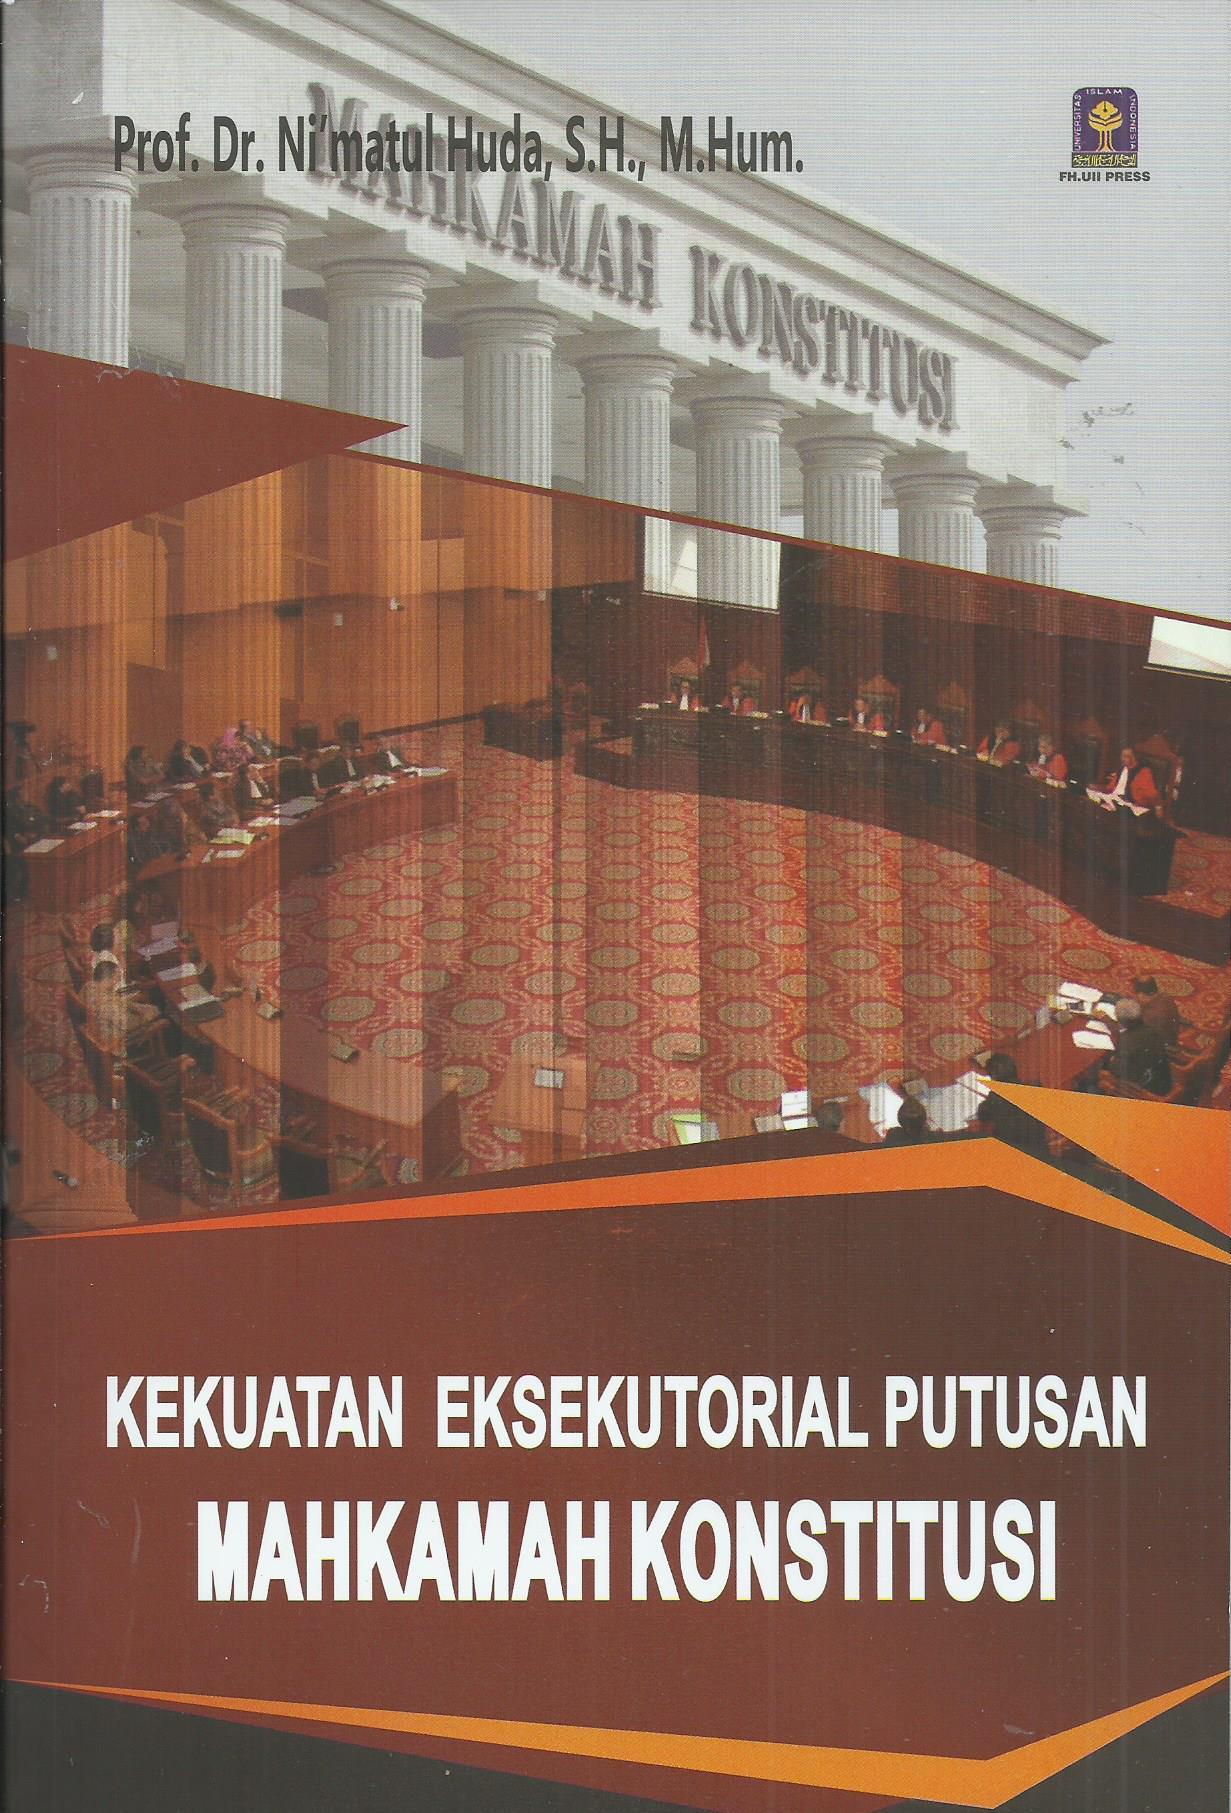 Kekuatan Eksekutorial Putussan Mahkamah Konstitusi